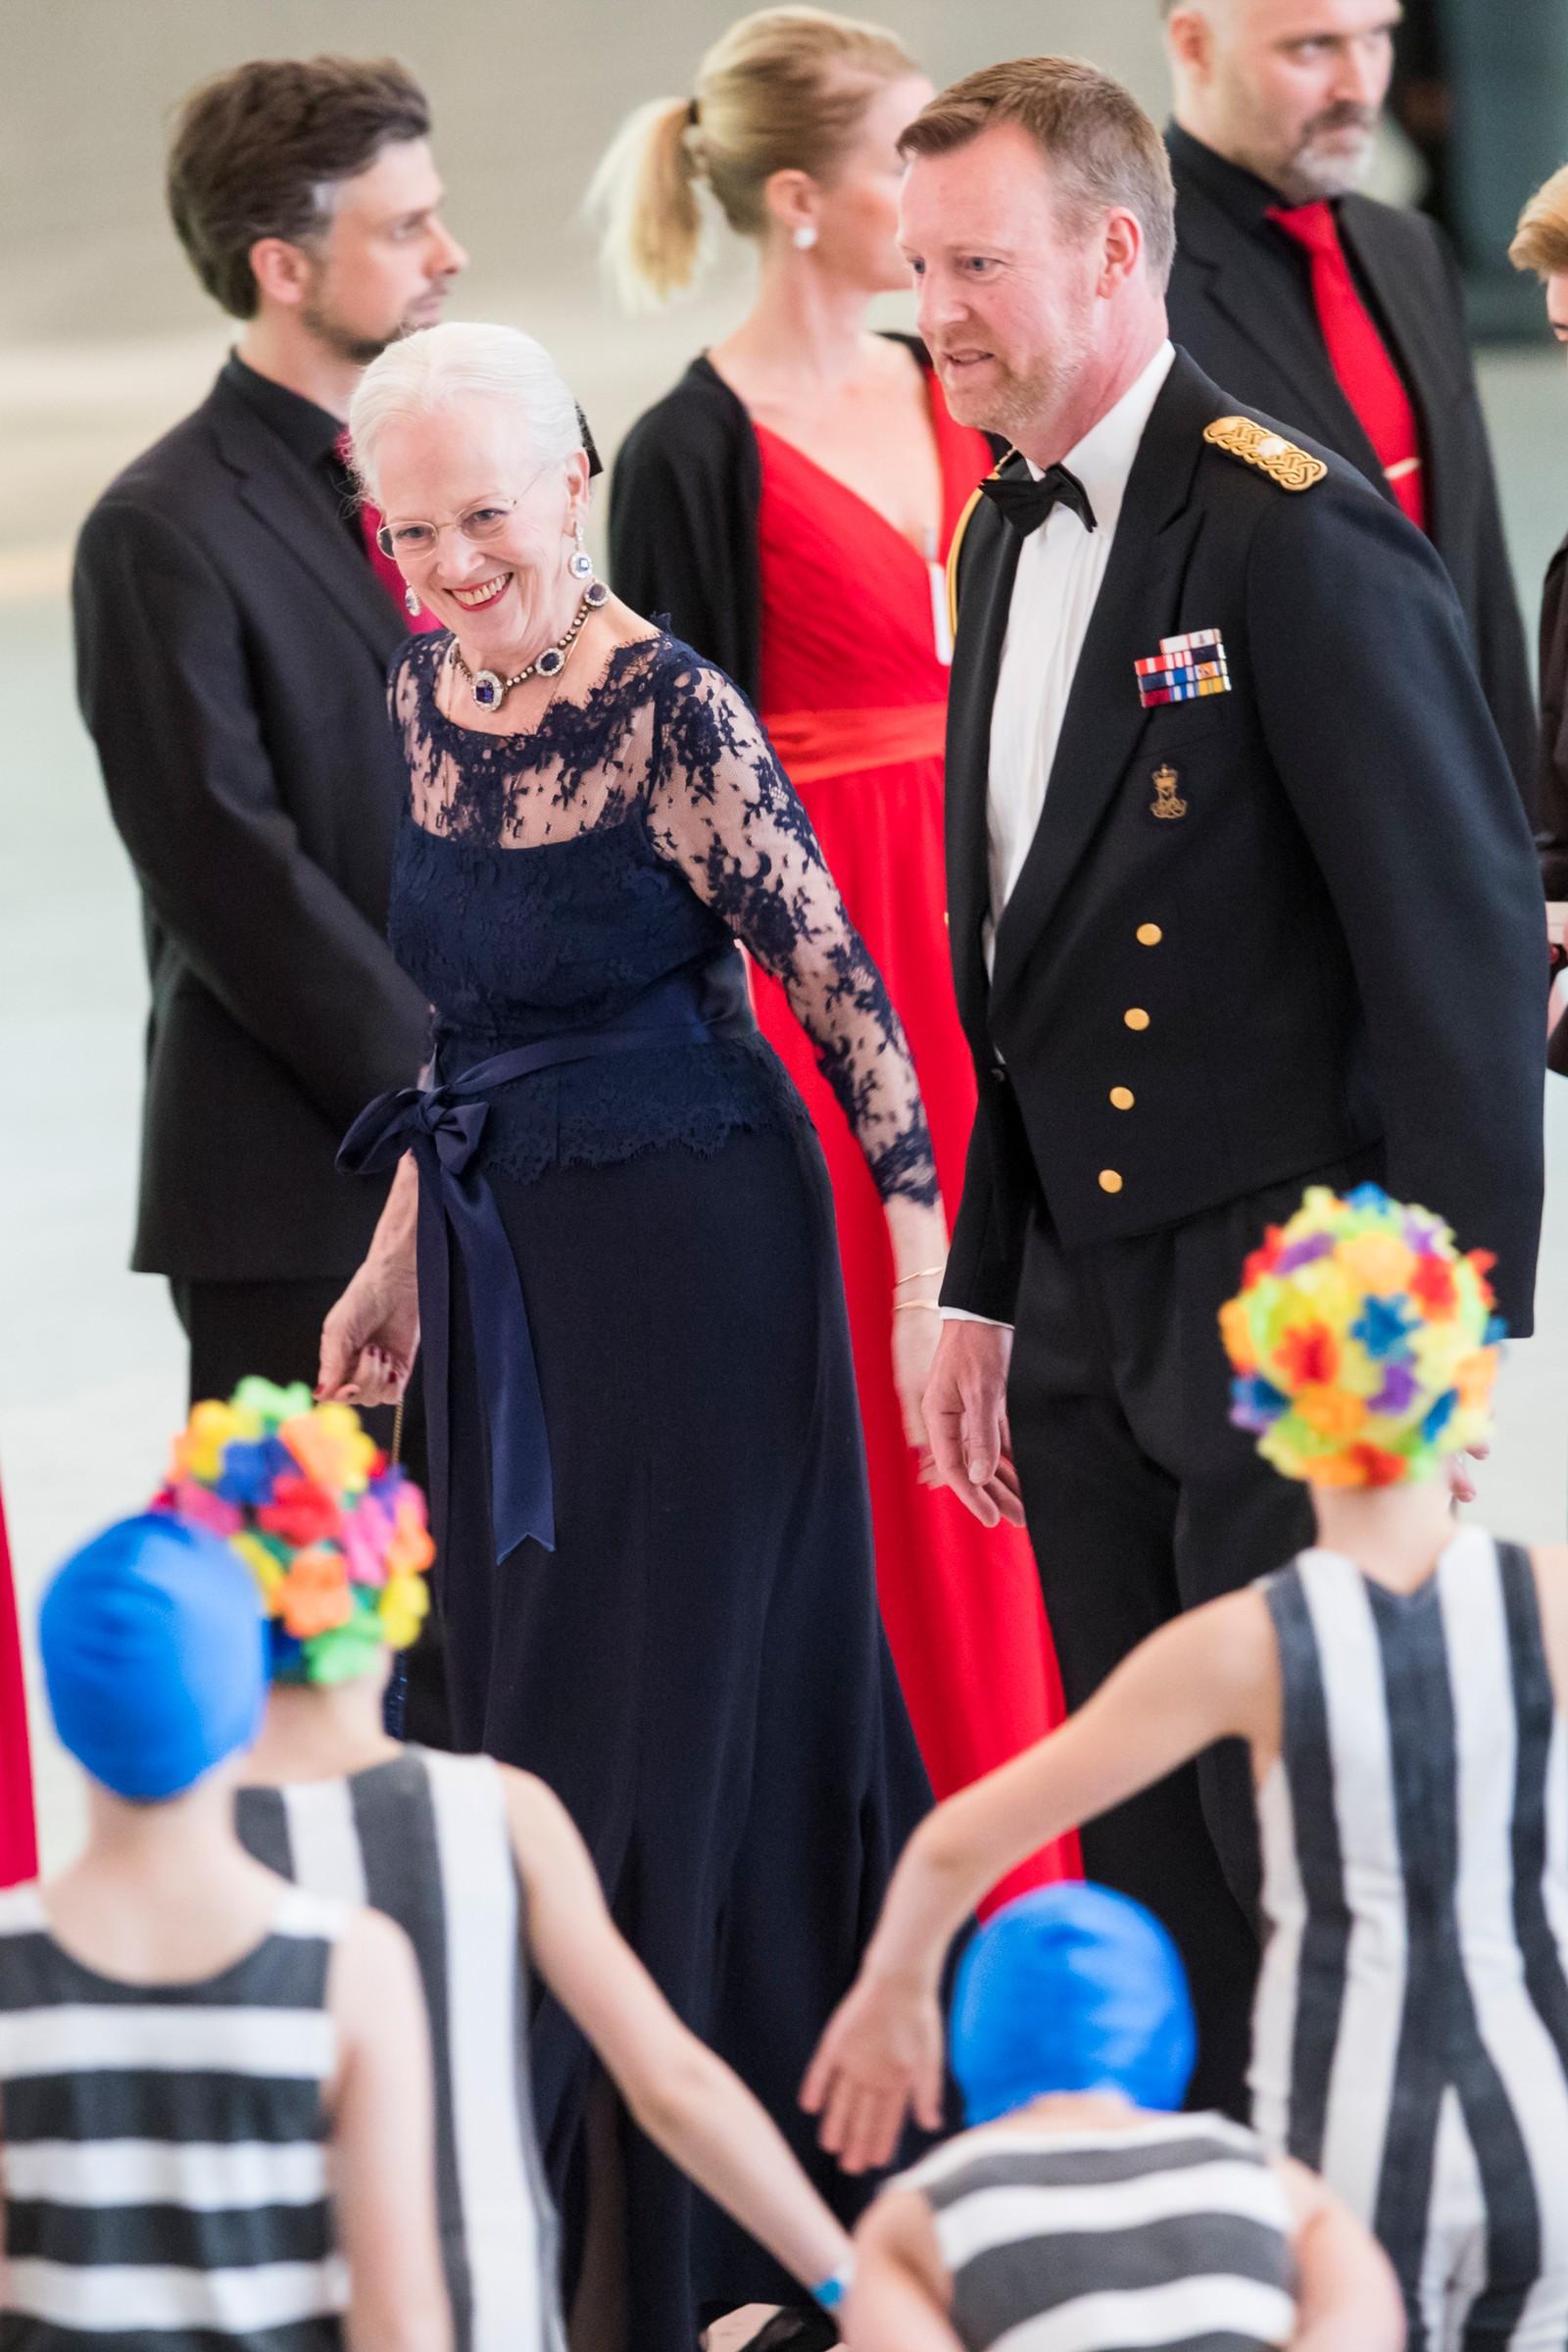 Dronning Margrethe av Danmark ankommer regjeringens festmiddag for kongeparet i Operaen i anledning deres 80-årsfeiring.